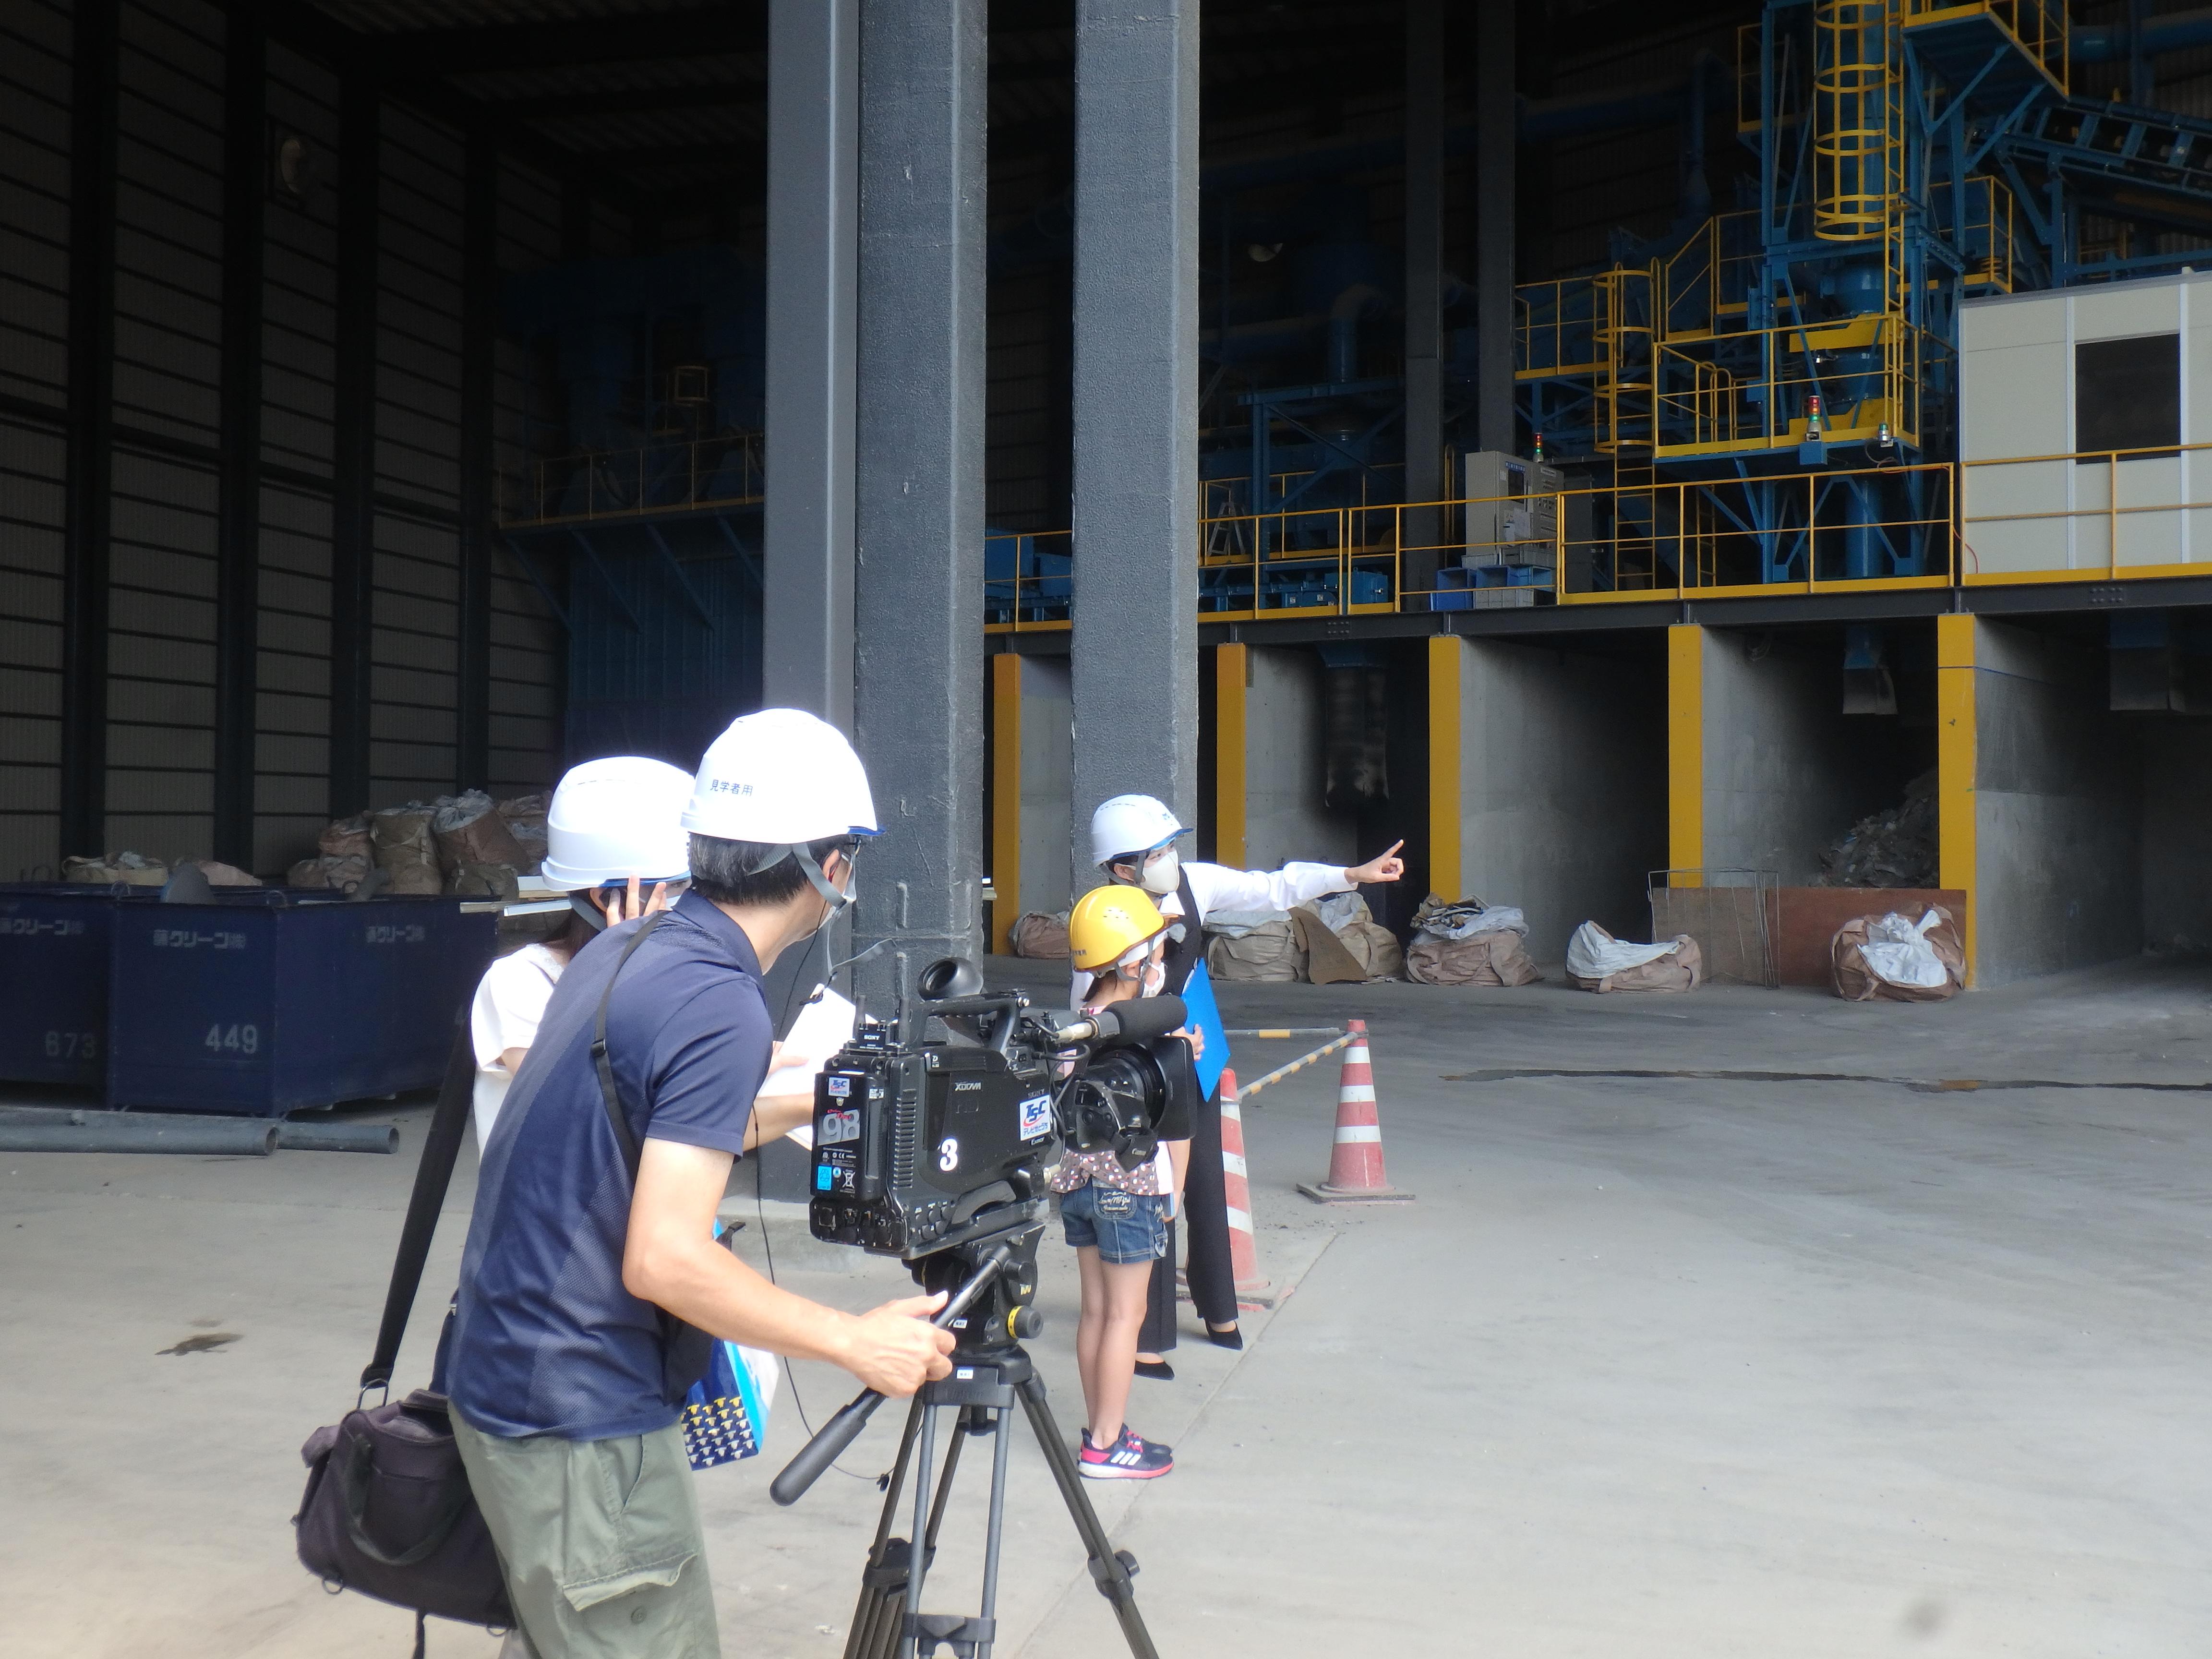 藤クリーンリサイクルセンターのテレビ番組紹介について